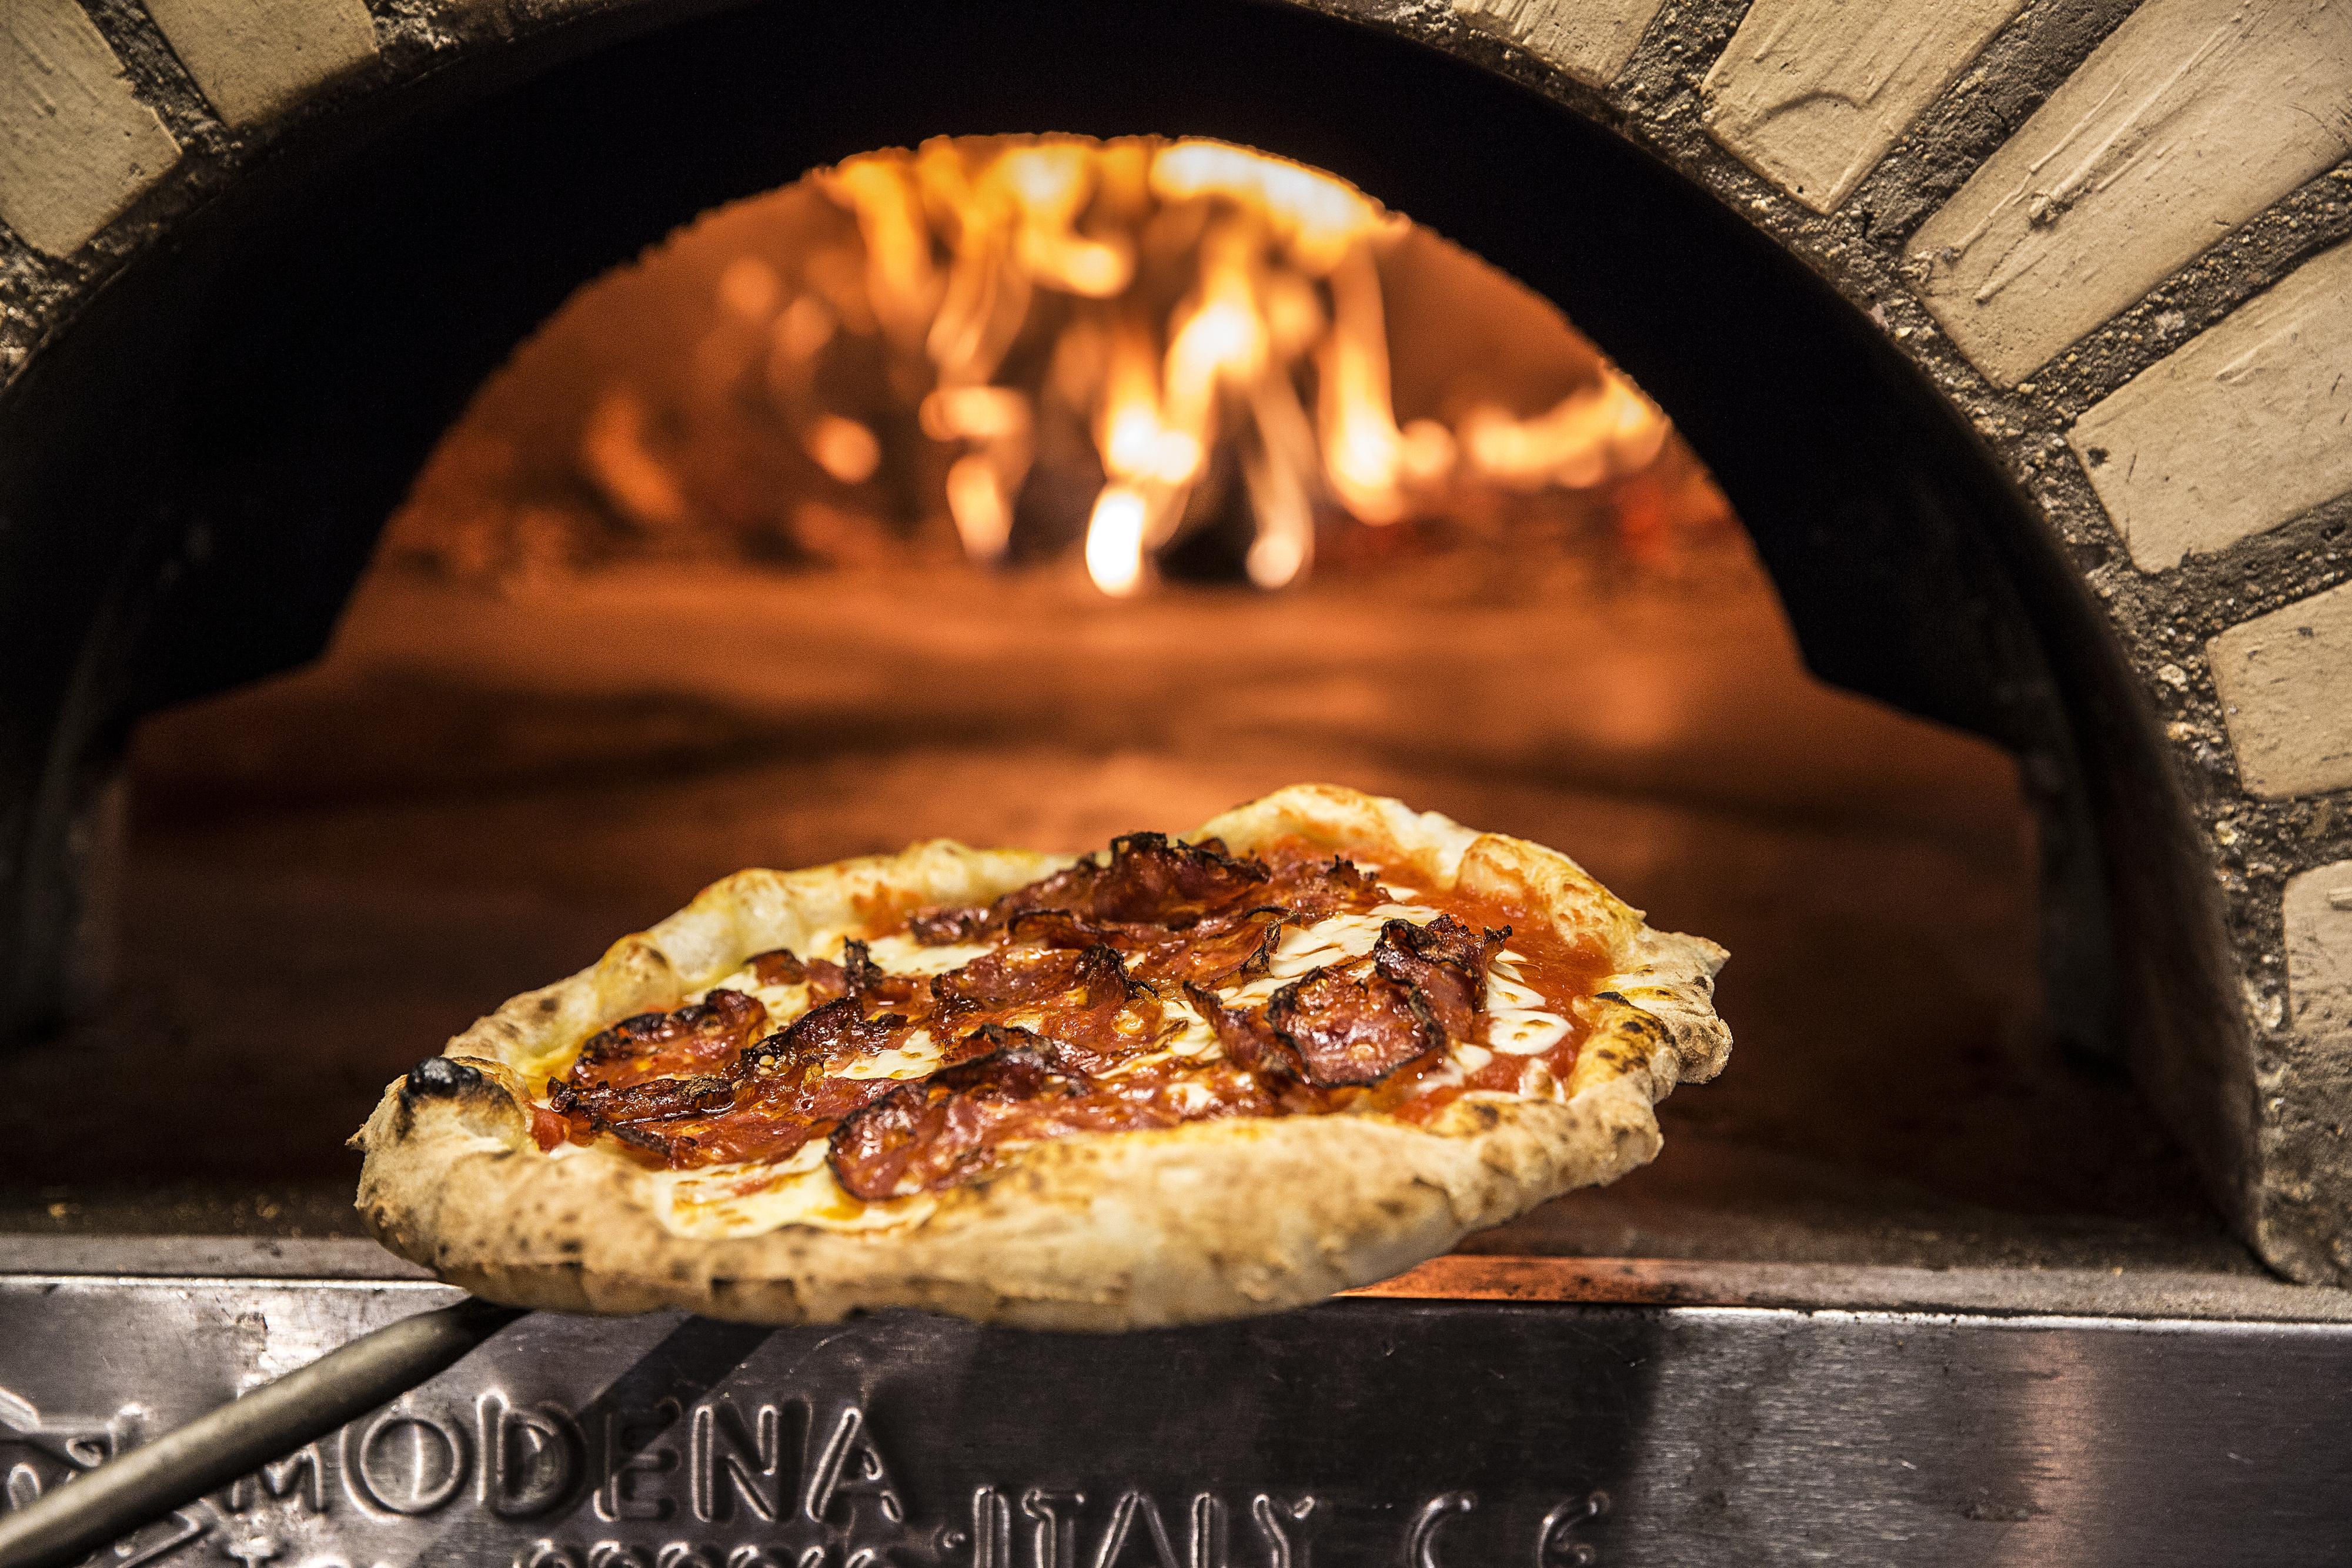 pizzacrudo-highres-17